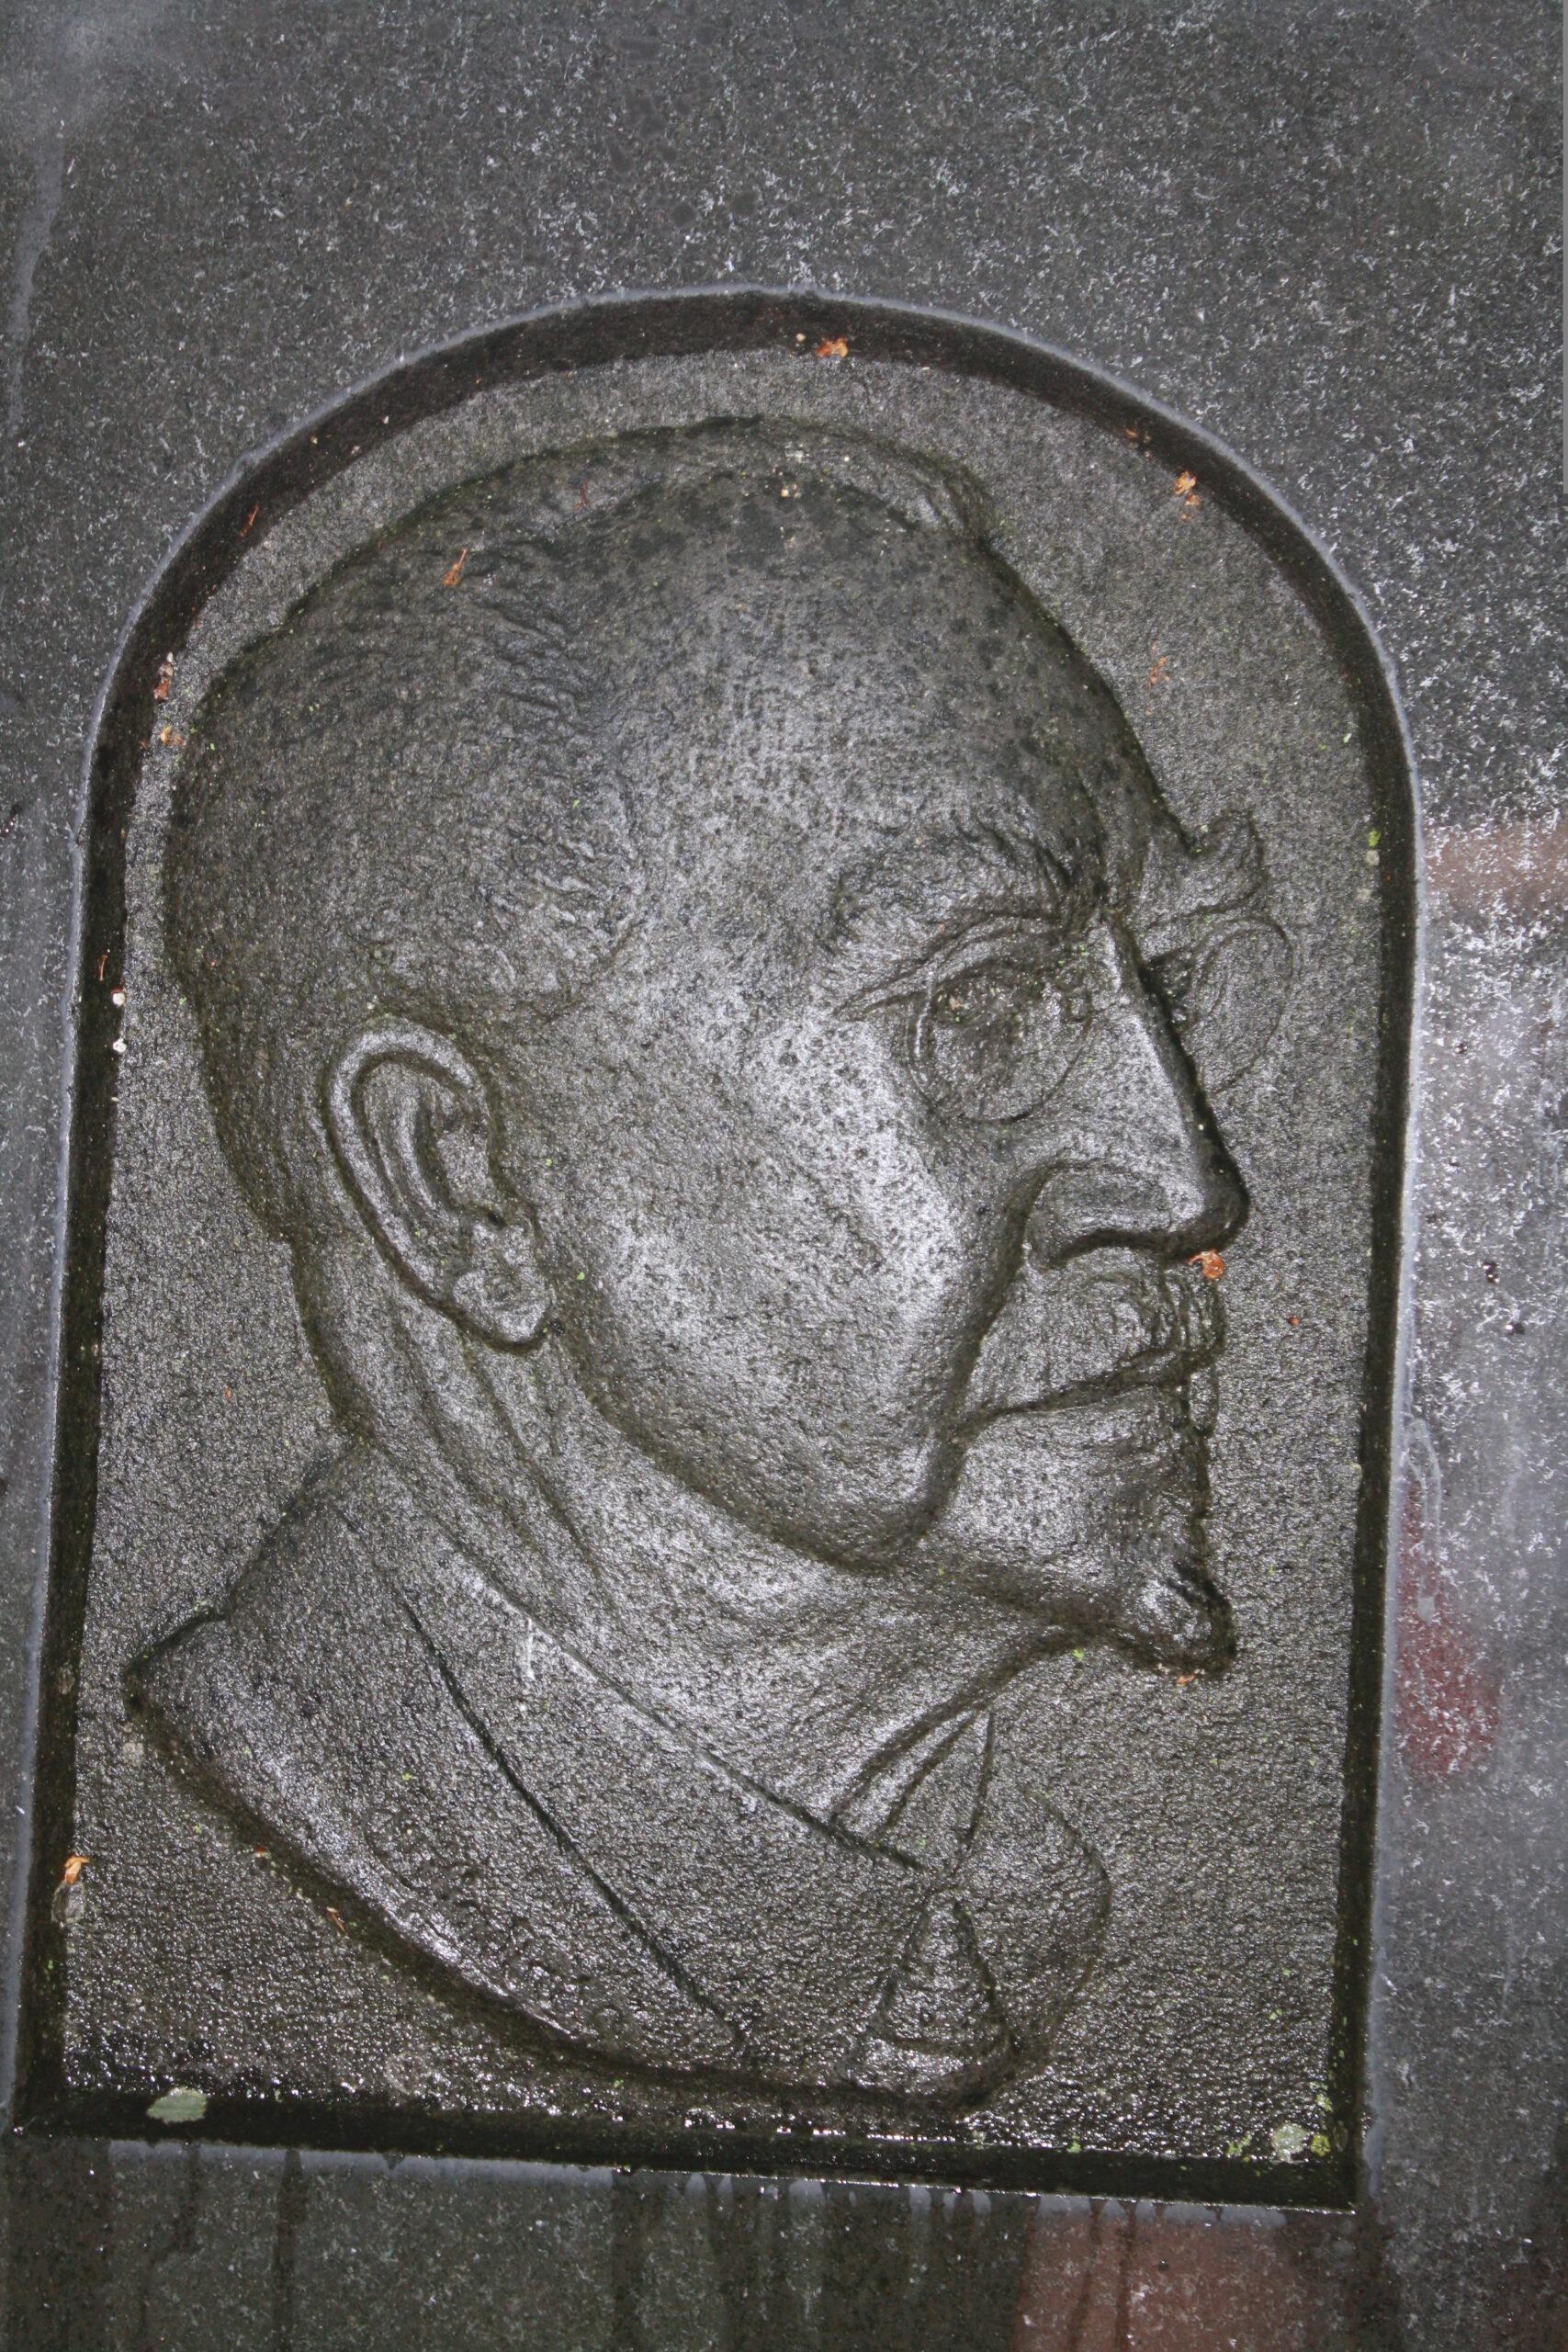 Victor Lindborg grav i Strängnäs